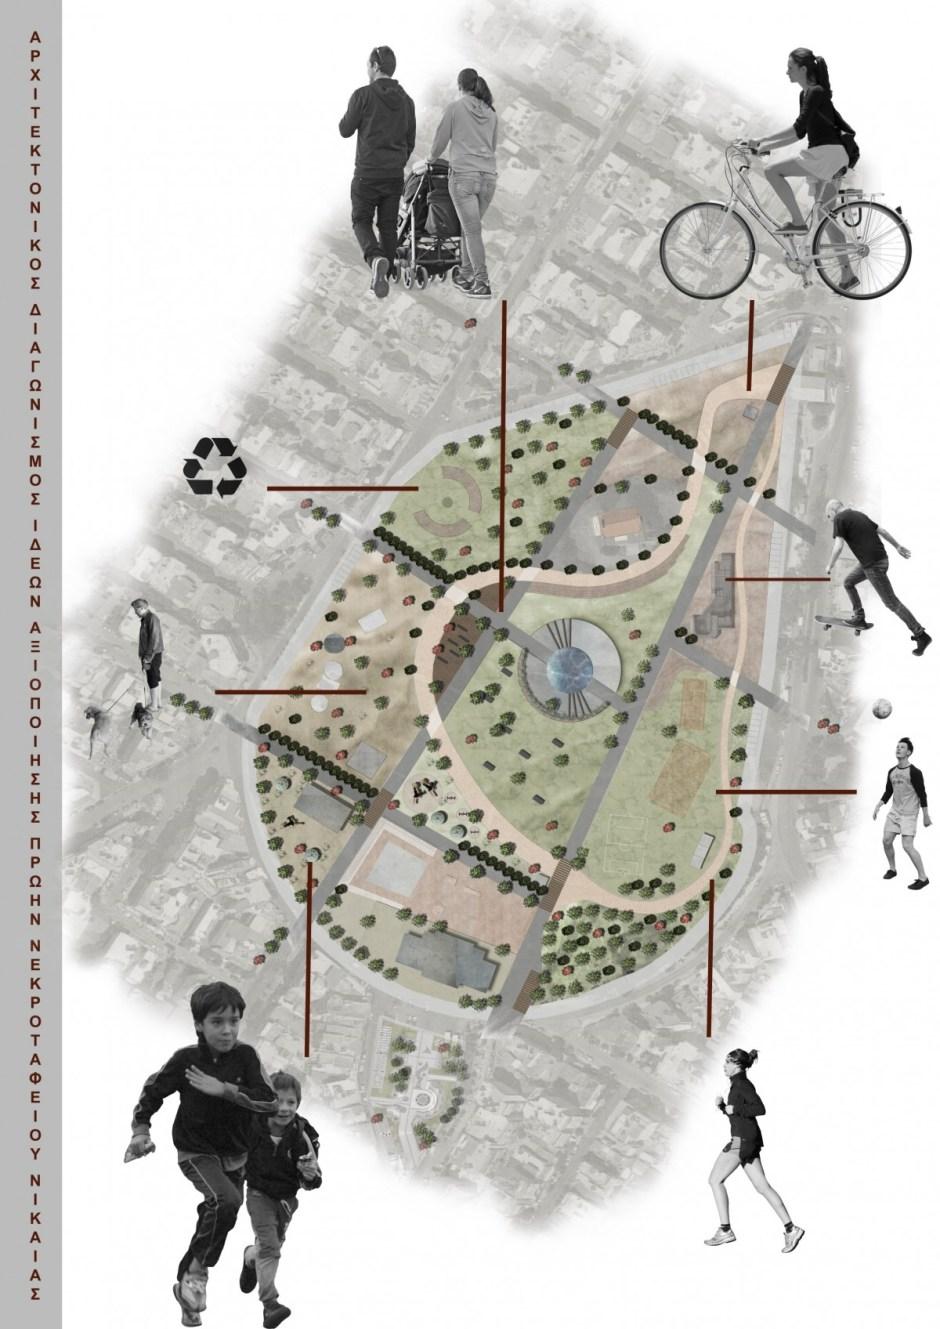 Σχεδιασμός Πάρκου 46 στρεμμάτων στην Άνω Νεάπολη Νίκαιας